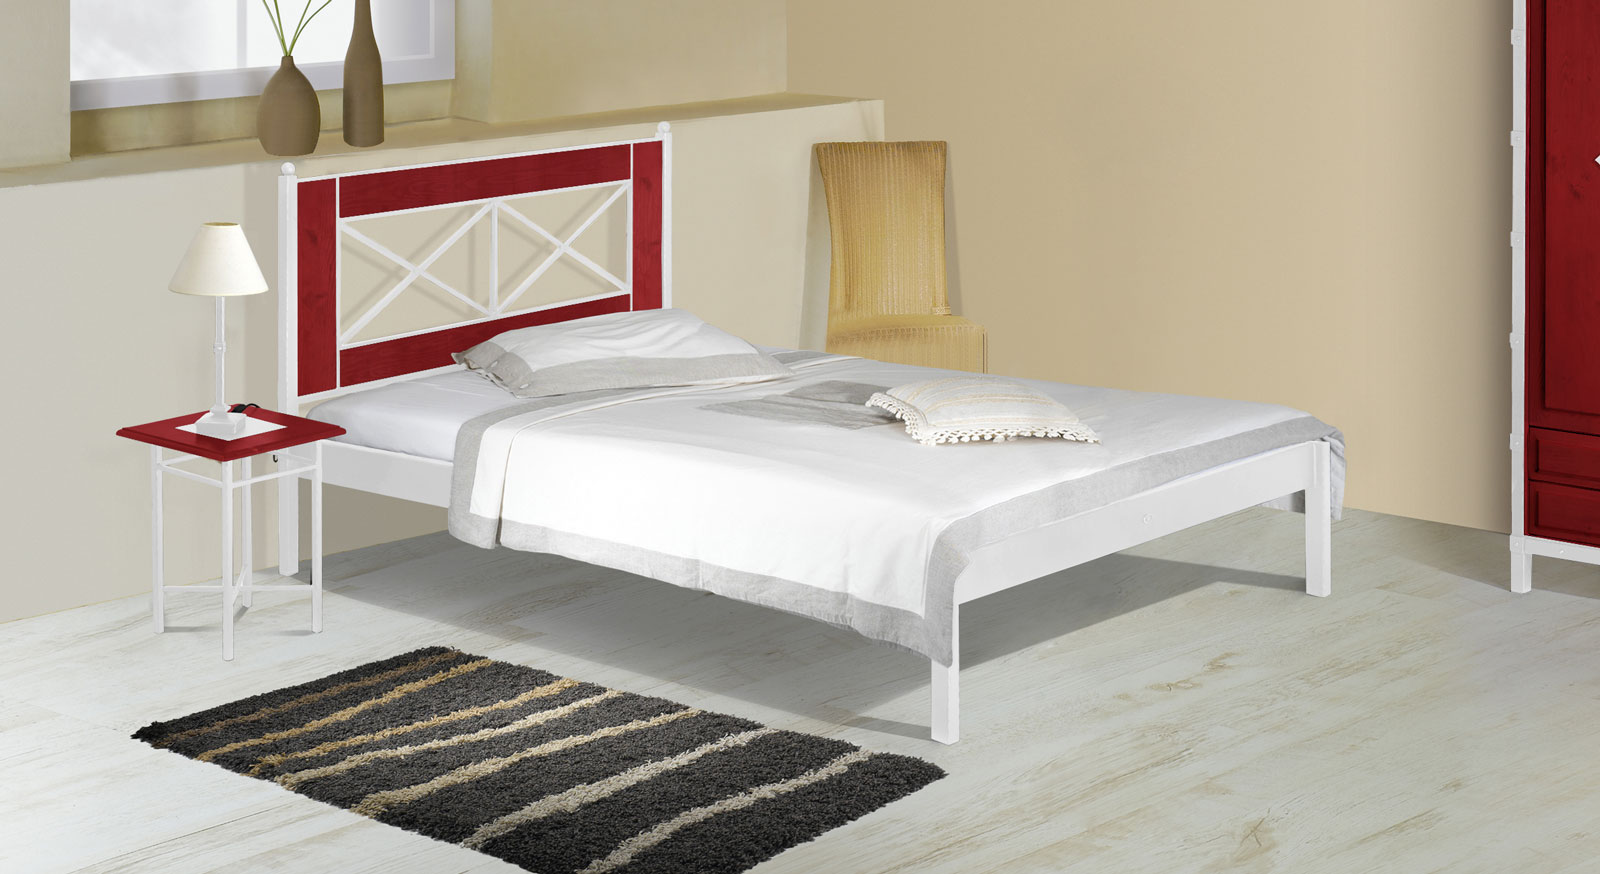 metallbett wei 160x200 preisvergleich die besten angebote online kaufen. Black Bedroom Furniture Sets. Home Design Ideas